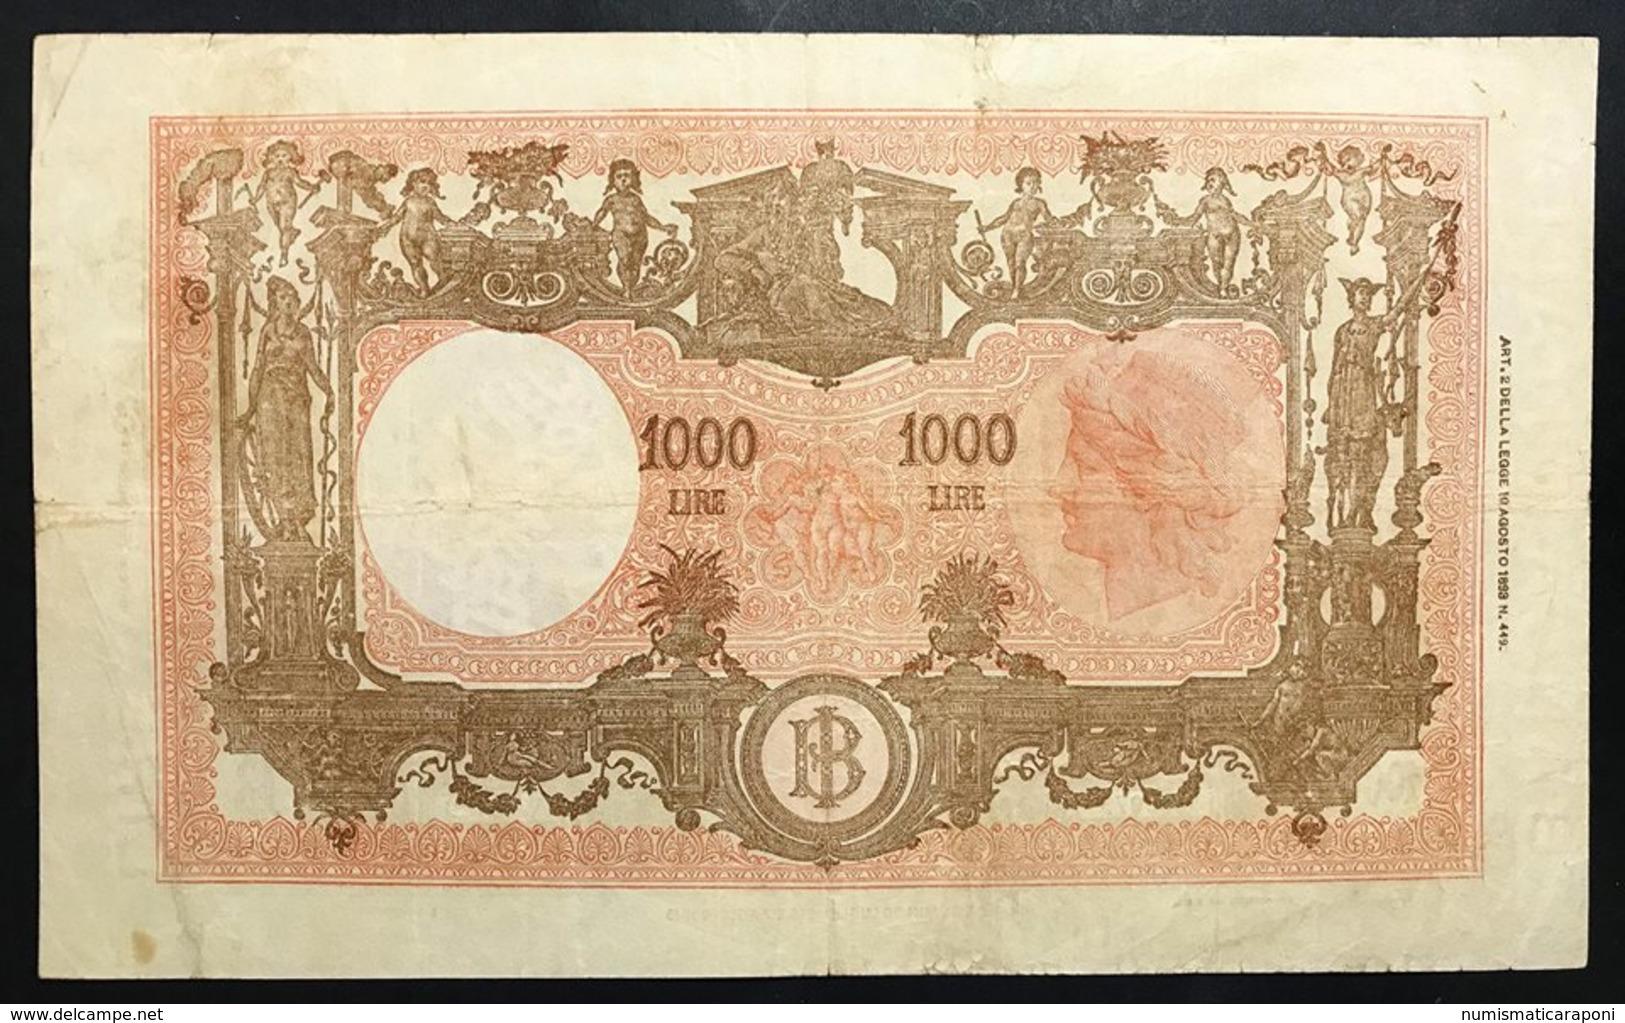 1000 Lire Grande M Testina B.I.12 07 1947 Q.BB Naturale  LOTTO 2416 - 1000 Lire